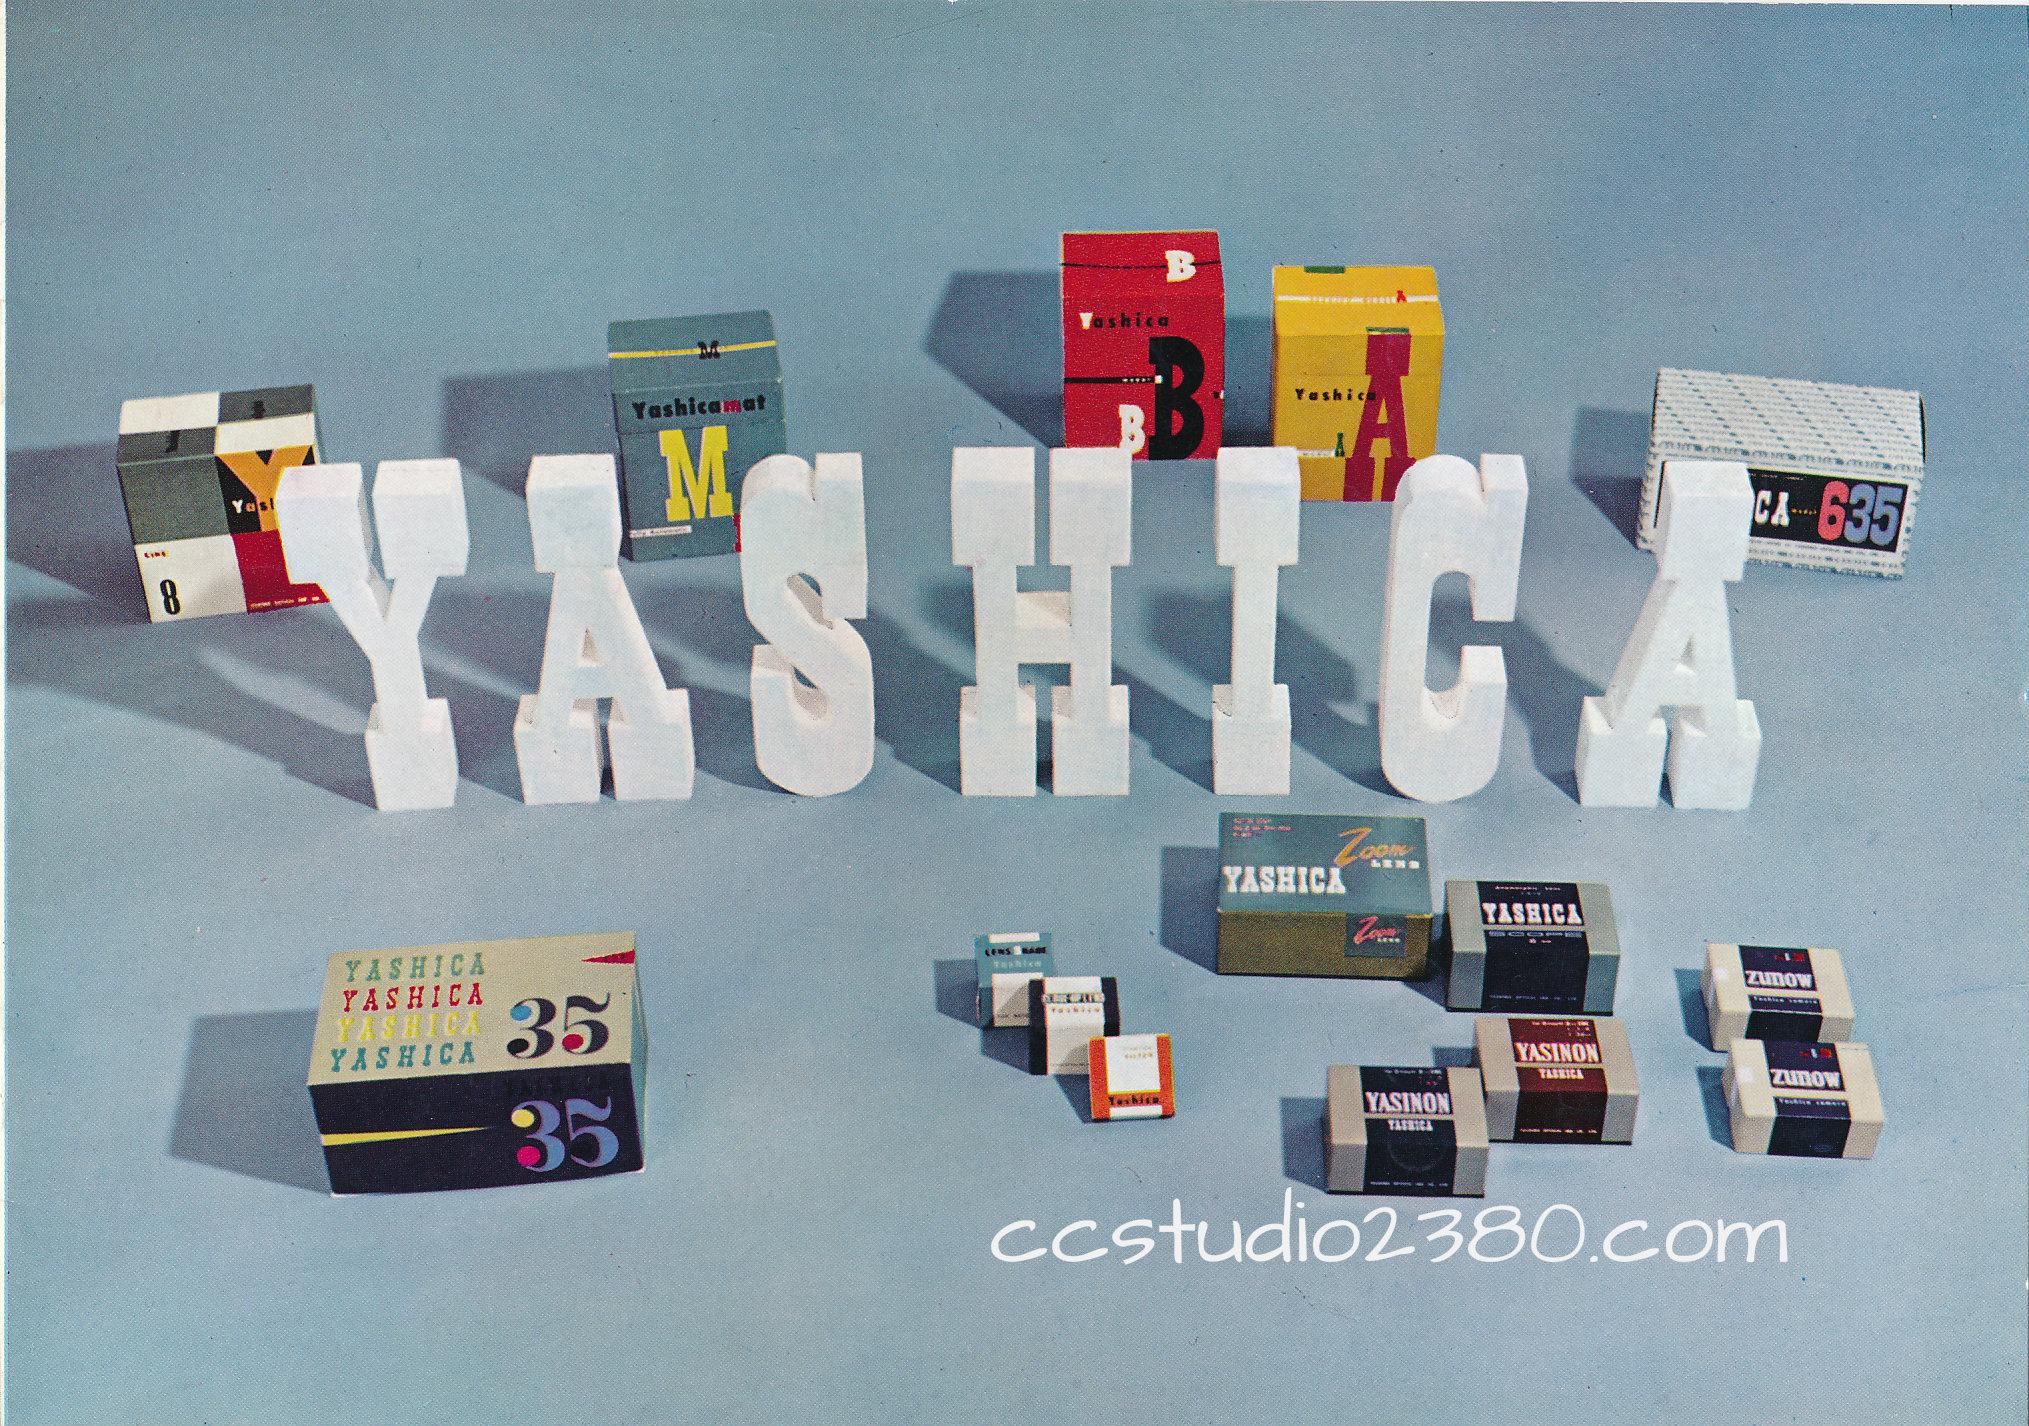 yascatalog logo